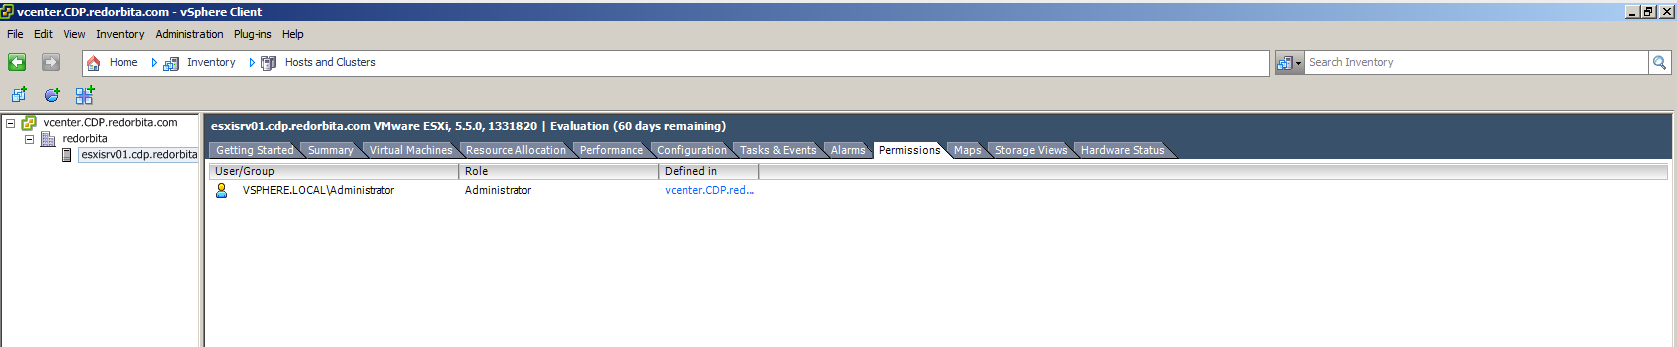 Captura de pantalla de 2014-10-03 17:11:58